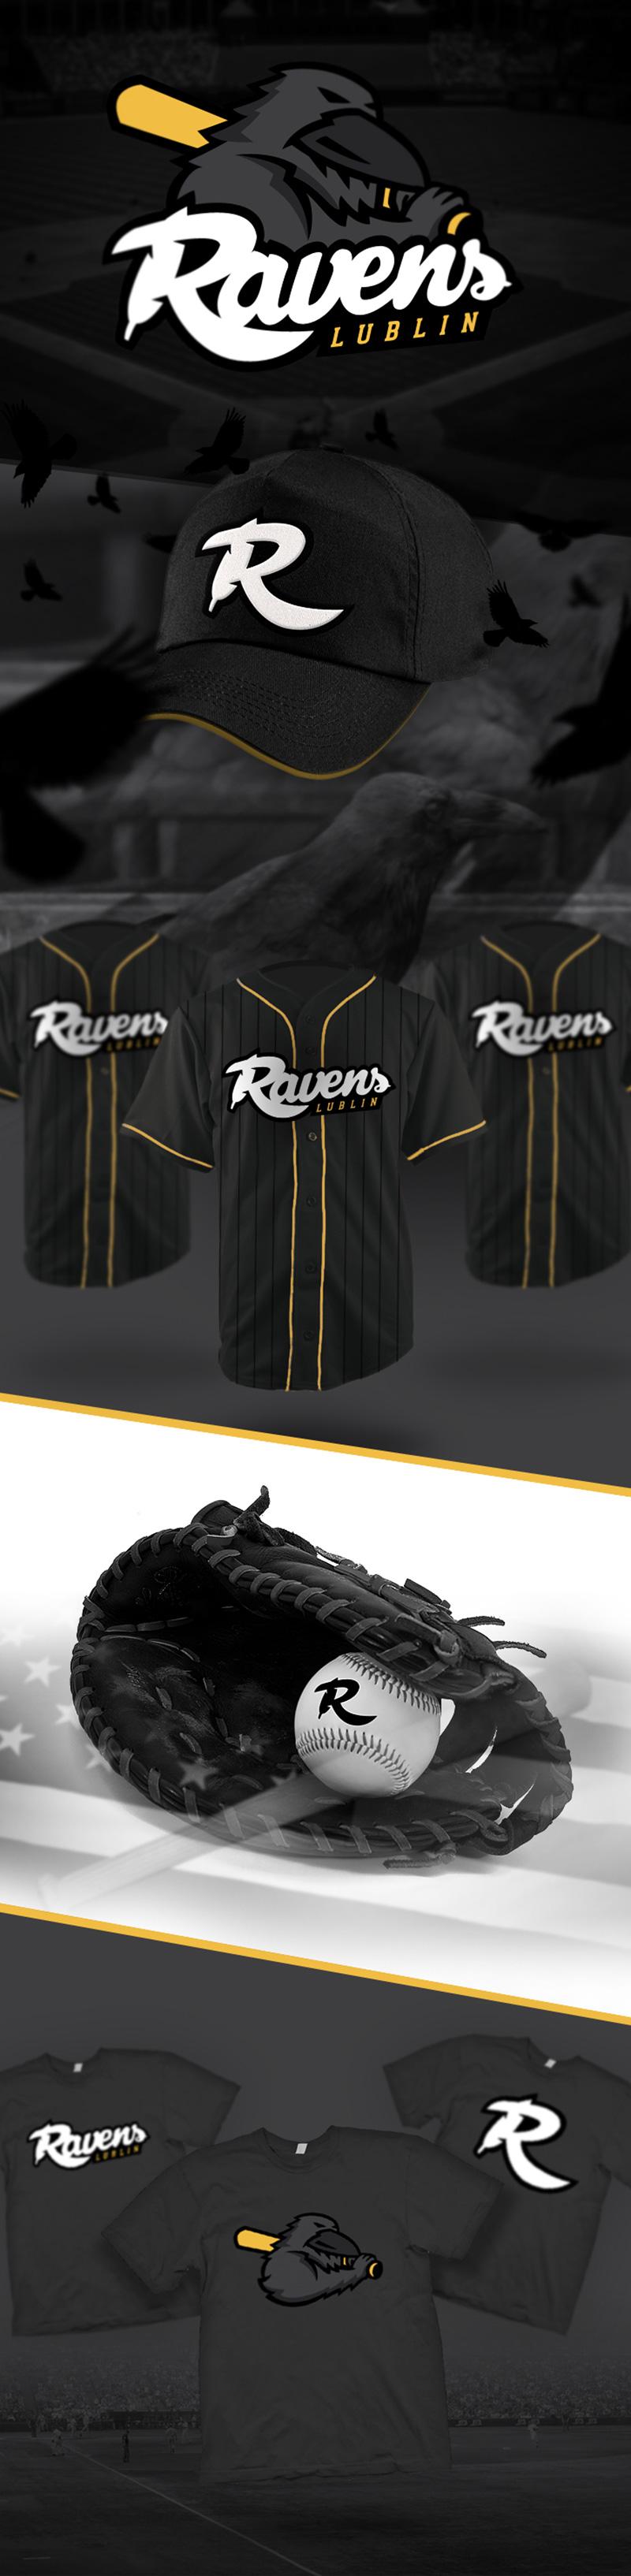 品牌商标设计公司整理:棒球队体育简单商标设计